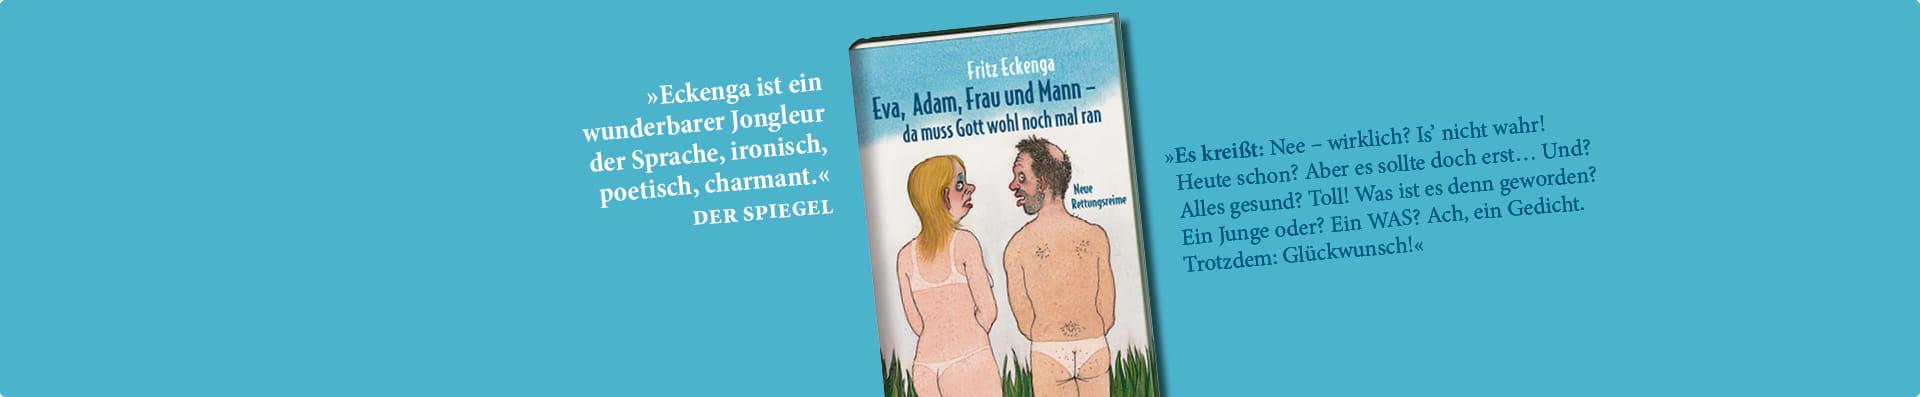 Fritz Eckenga – Adam, Eva, Frau und Mann – da muss Gott wohl noch mal ran